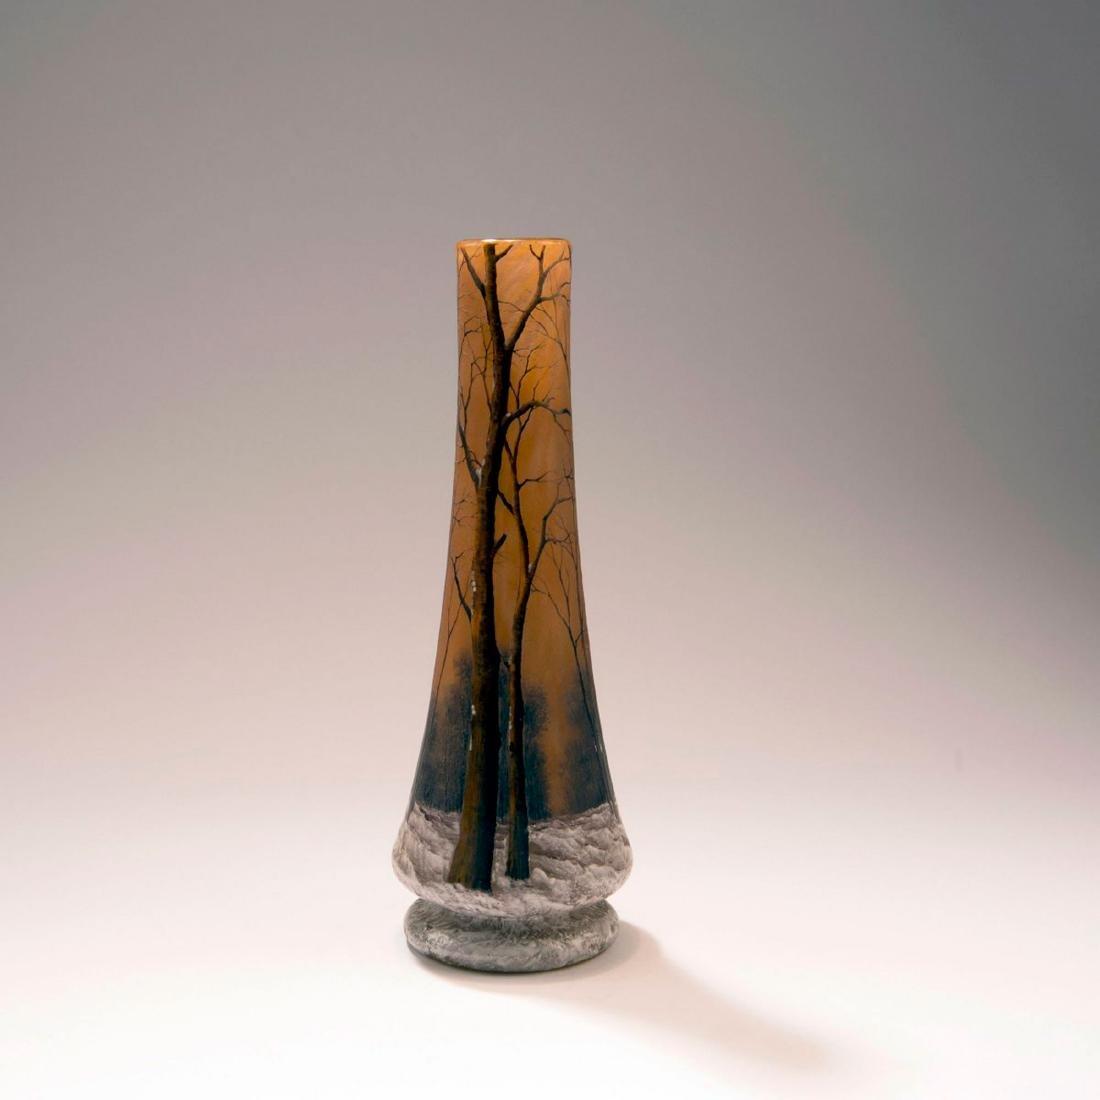 'Crépuscule sous la neige' or 'Arbres en hiver' vase, - 3